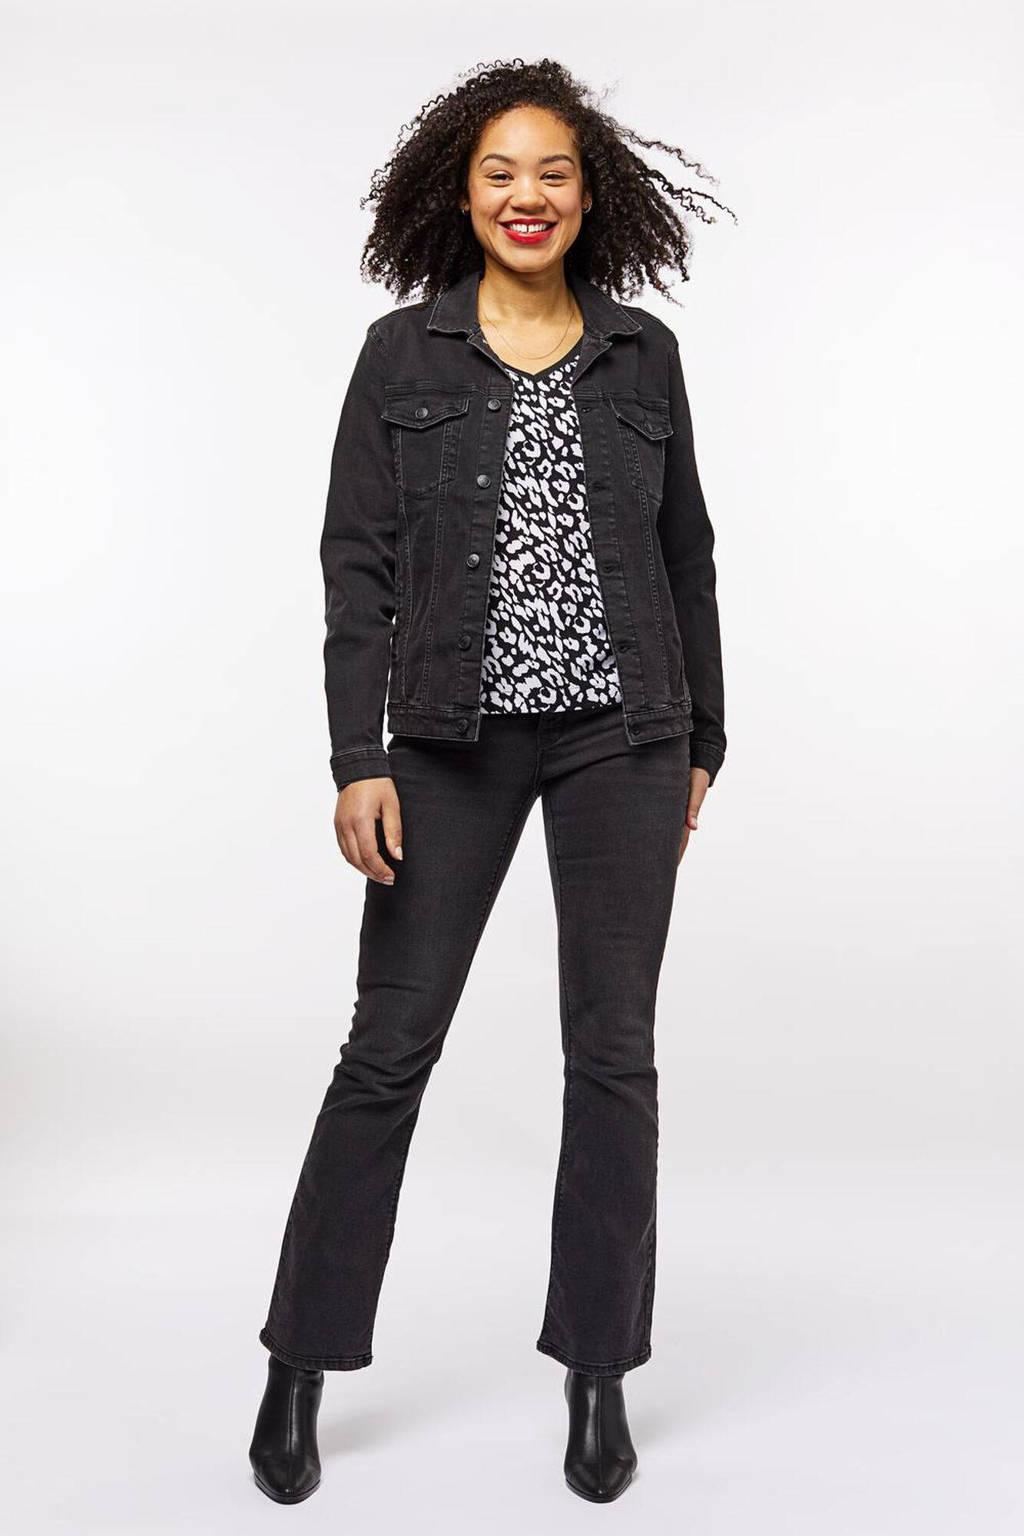 HEMA spijkerjasje Tamina zwart, Zwart